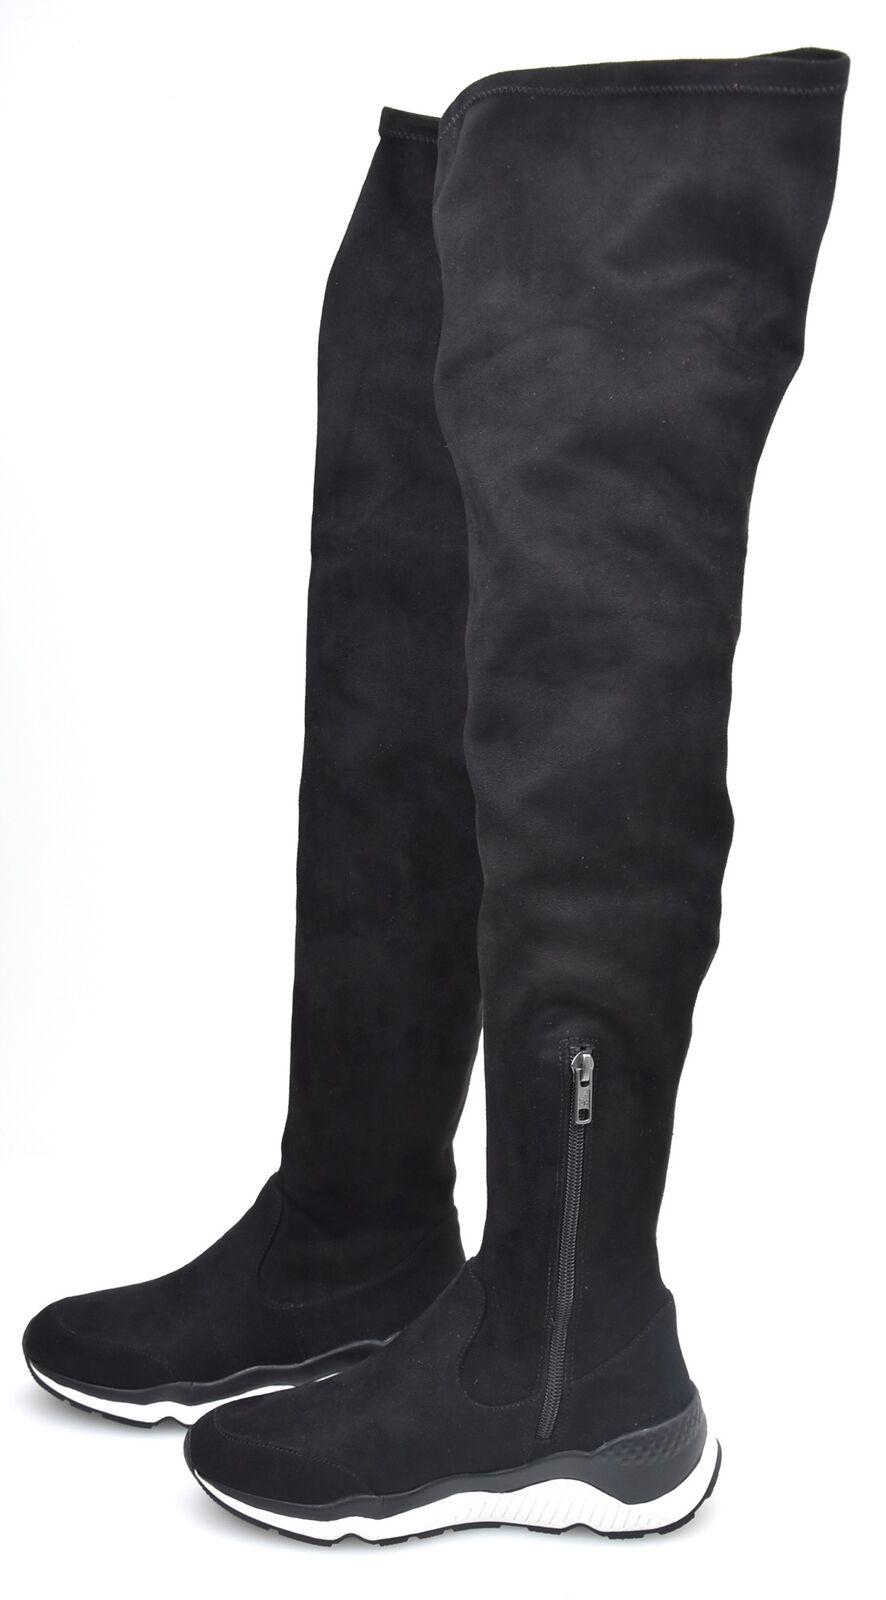 Ash Mujer Invierno botas altas rodilla sobre la rodilla altas Gamuza milagro de código FW16-S-114979-009 cd1c17